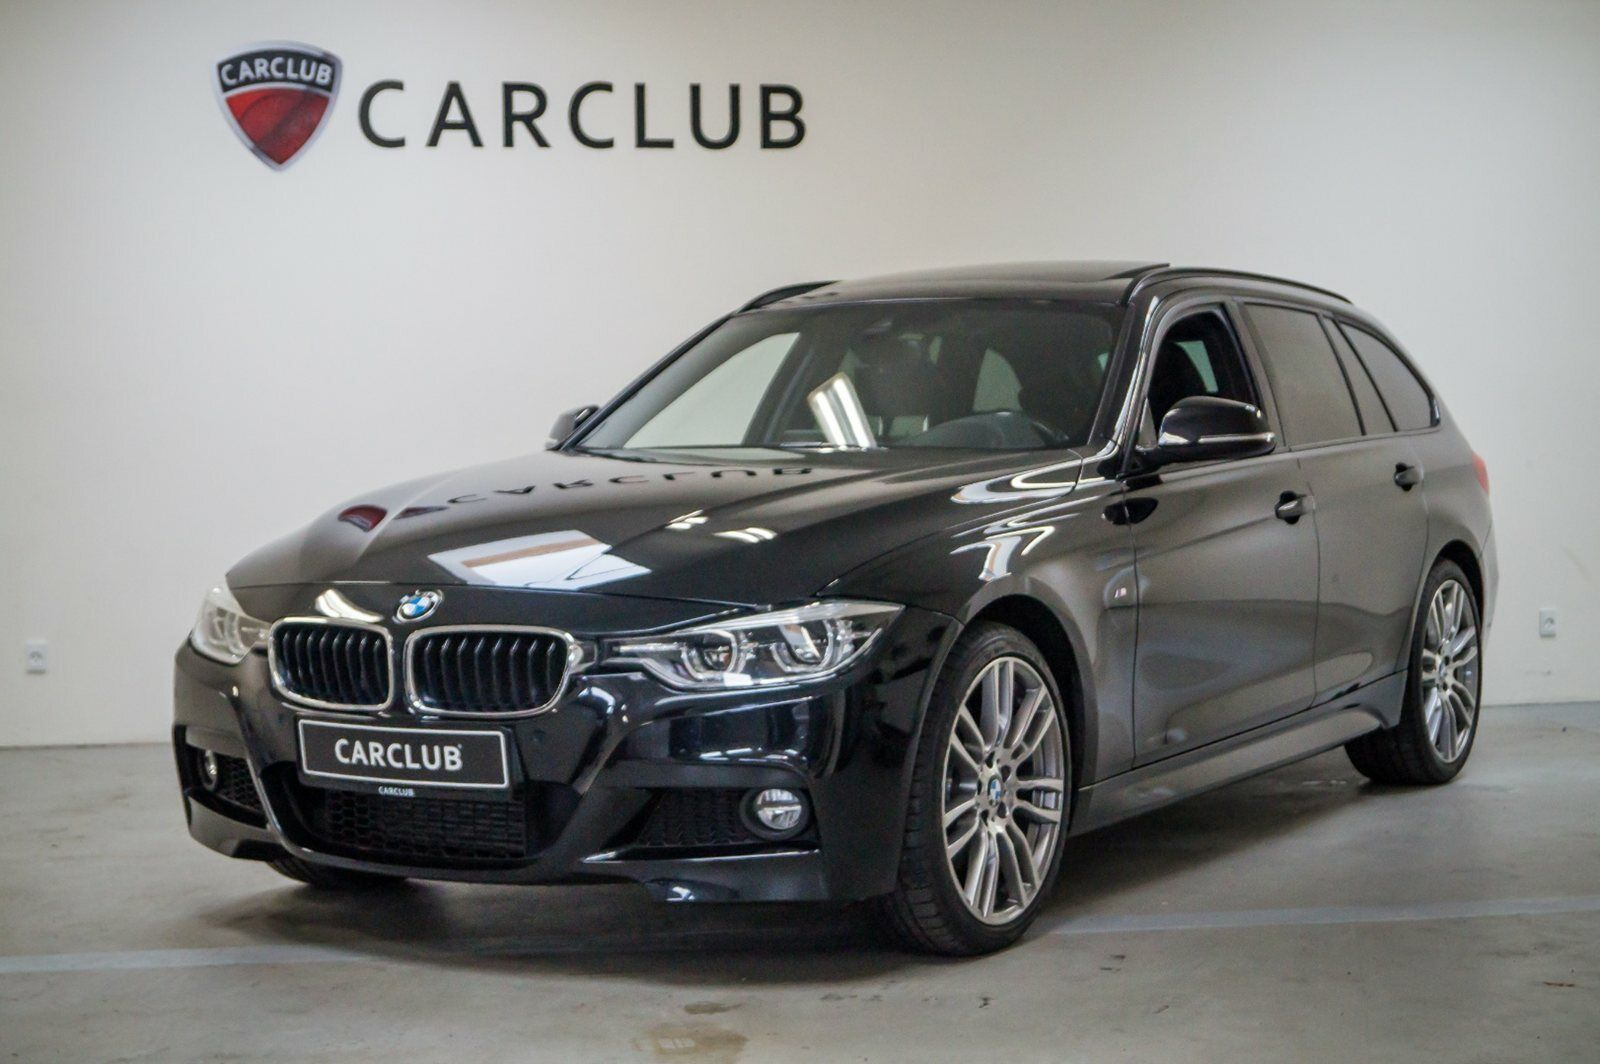 BMW 335d 3,0 Touring xDrive aut. 5d - 529.900 kr.